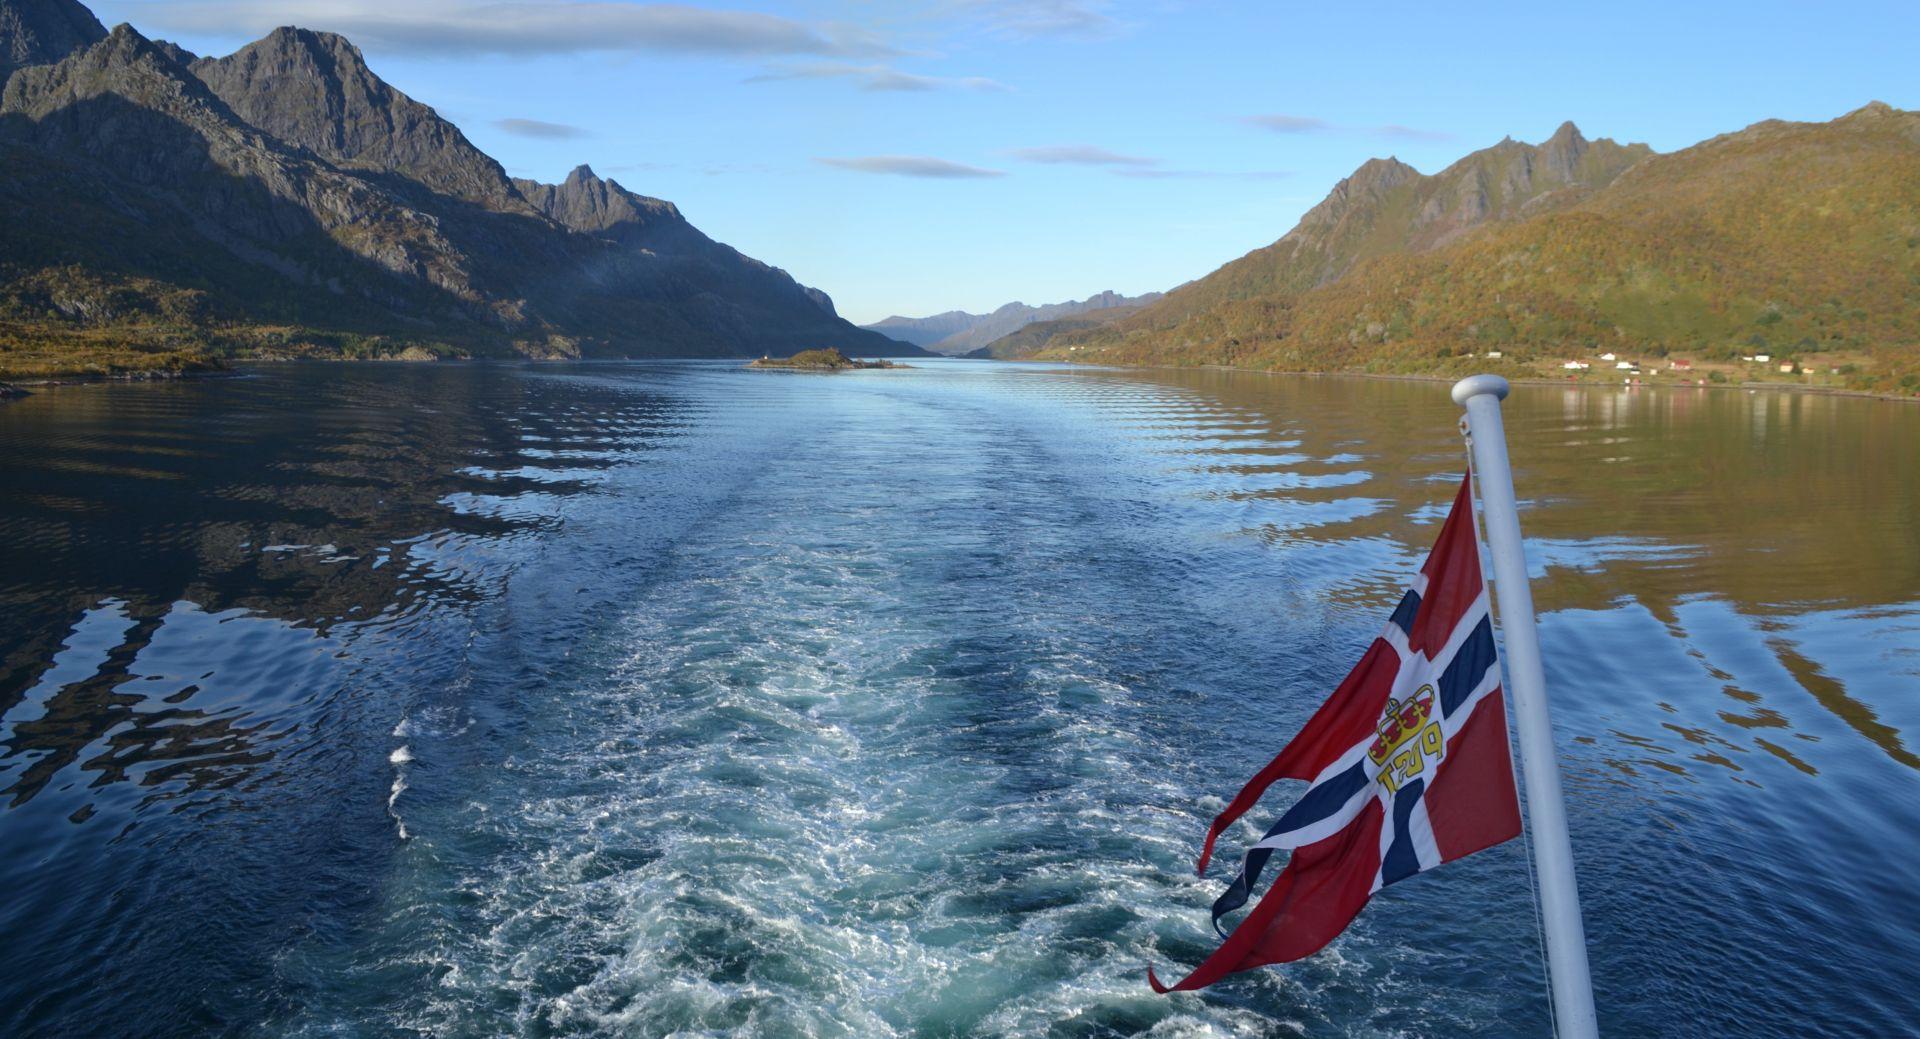 Călătorie cu familia în Insulele Lofoten Norvegia